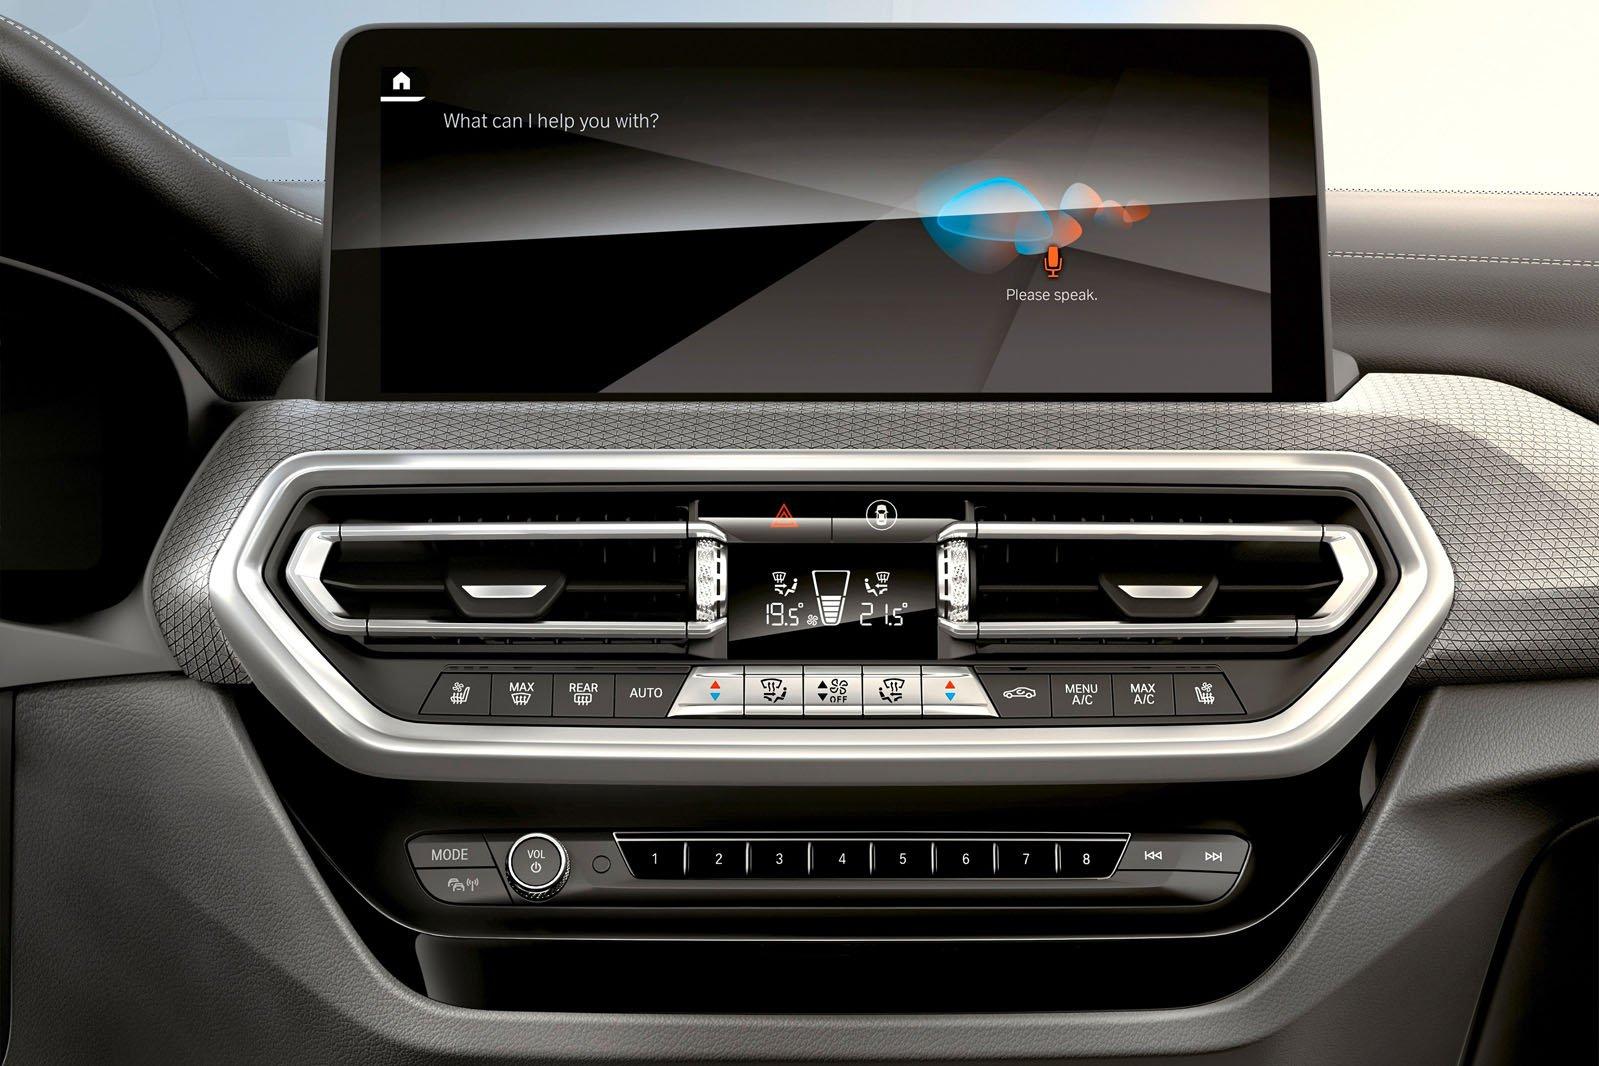 2021 BMW X4 interior detail